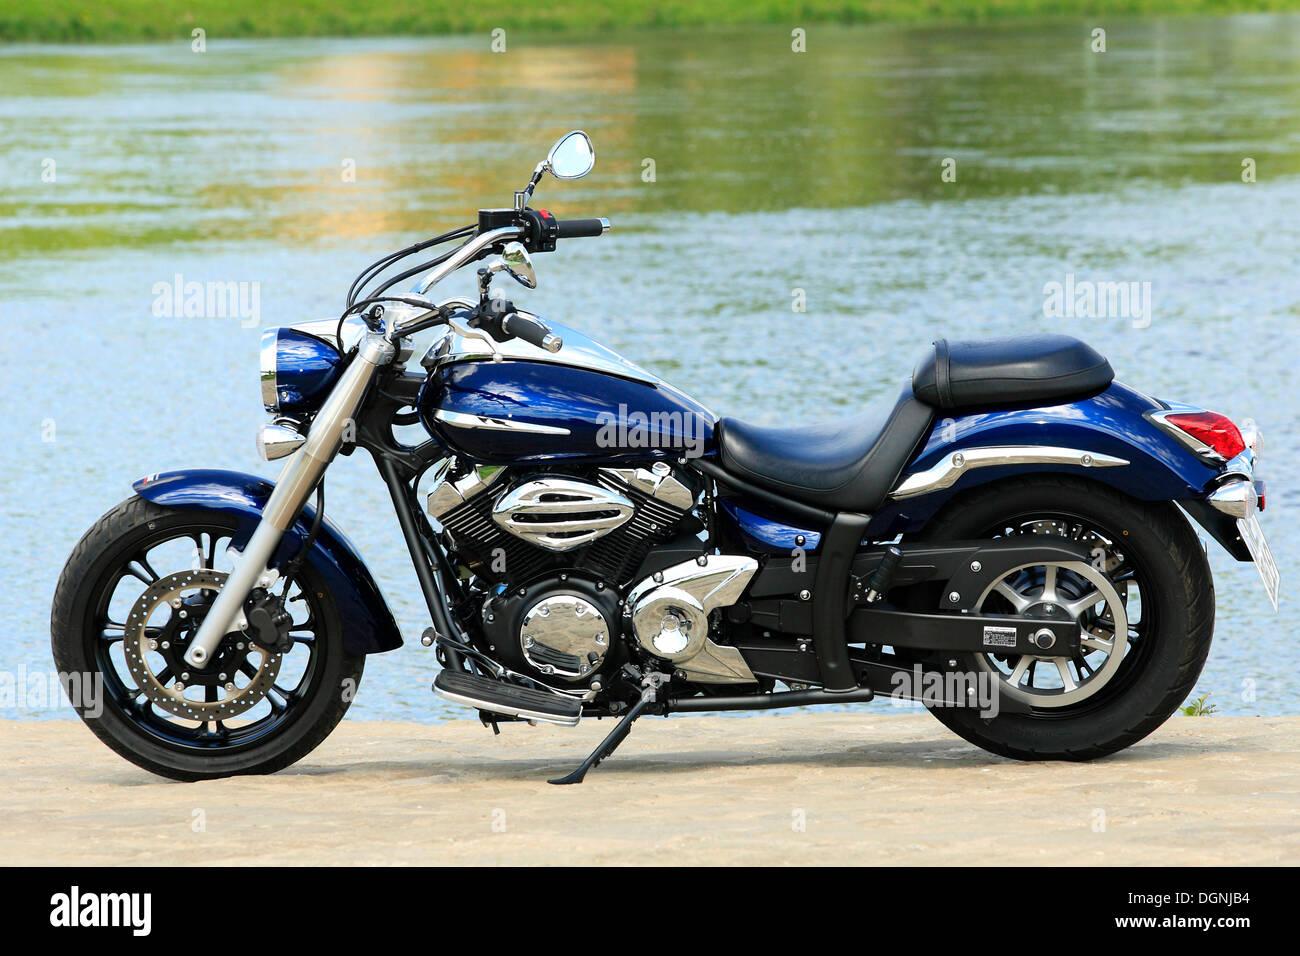 Yamaha XVS 950 A Stock Photo